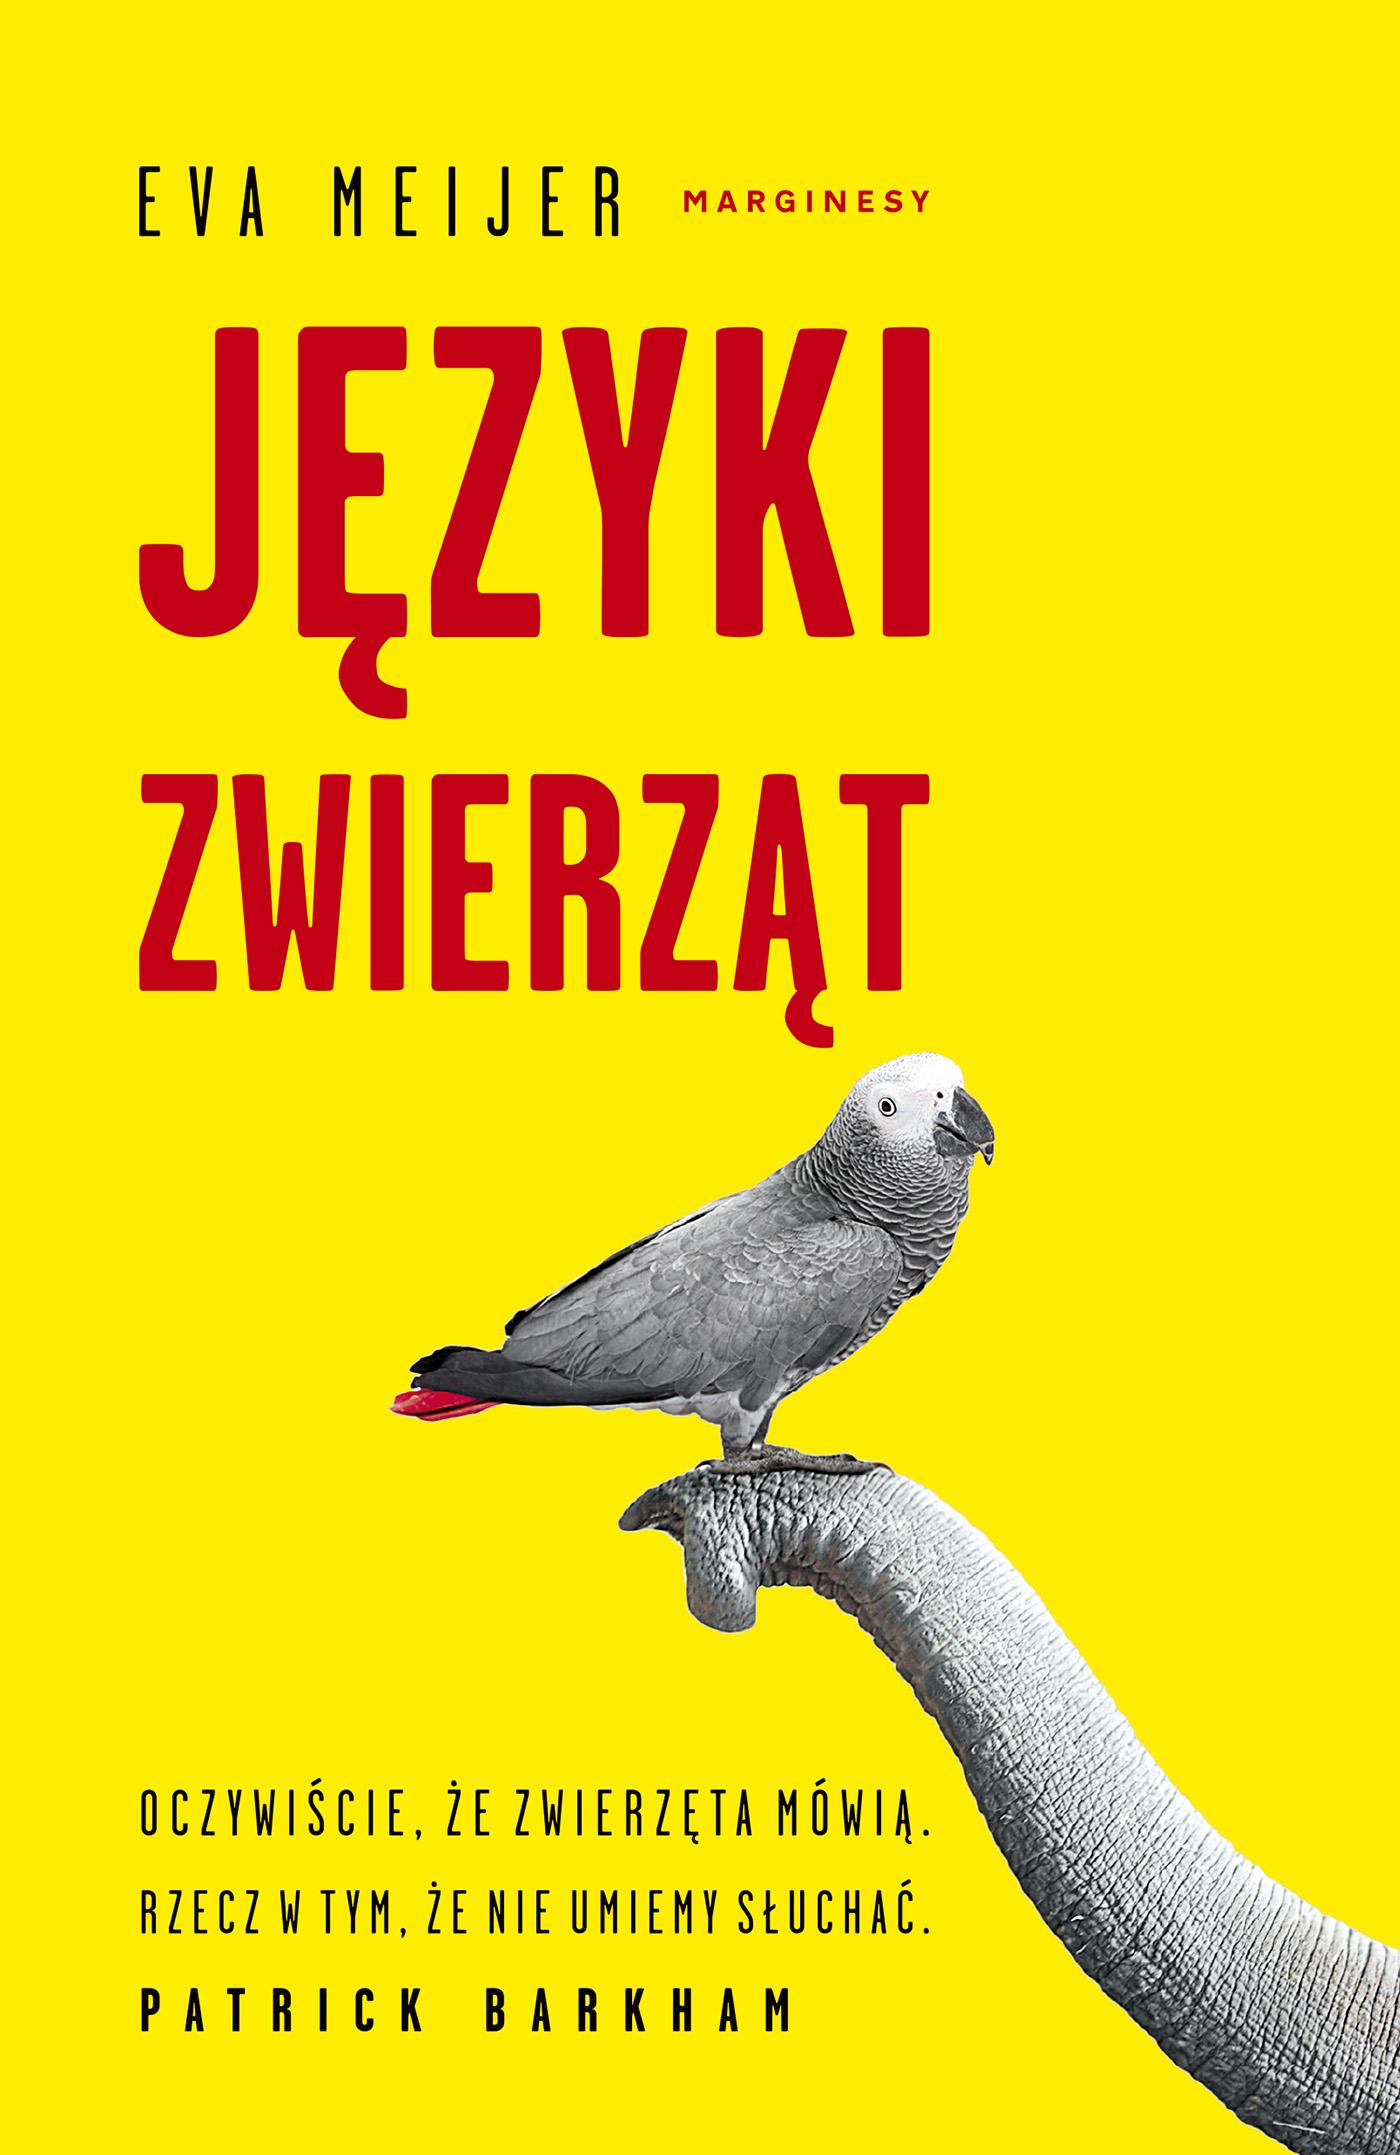 """SZPIEG W KSIĘGARNI: """"Języki zwierząt"""" Eva Meijer - recenzja"""